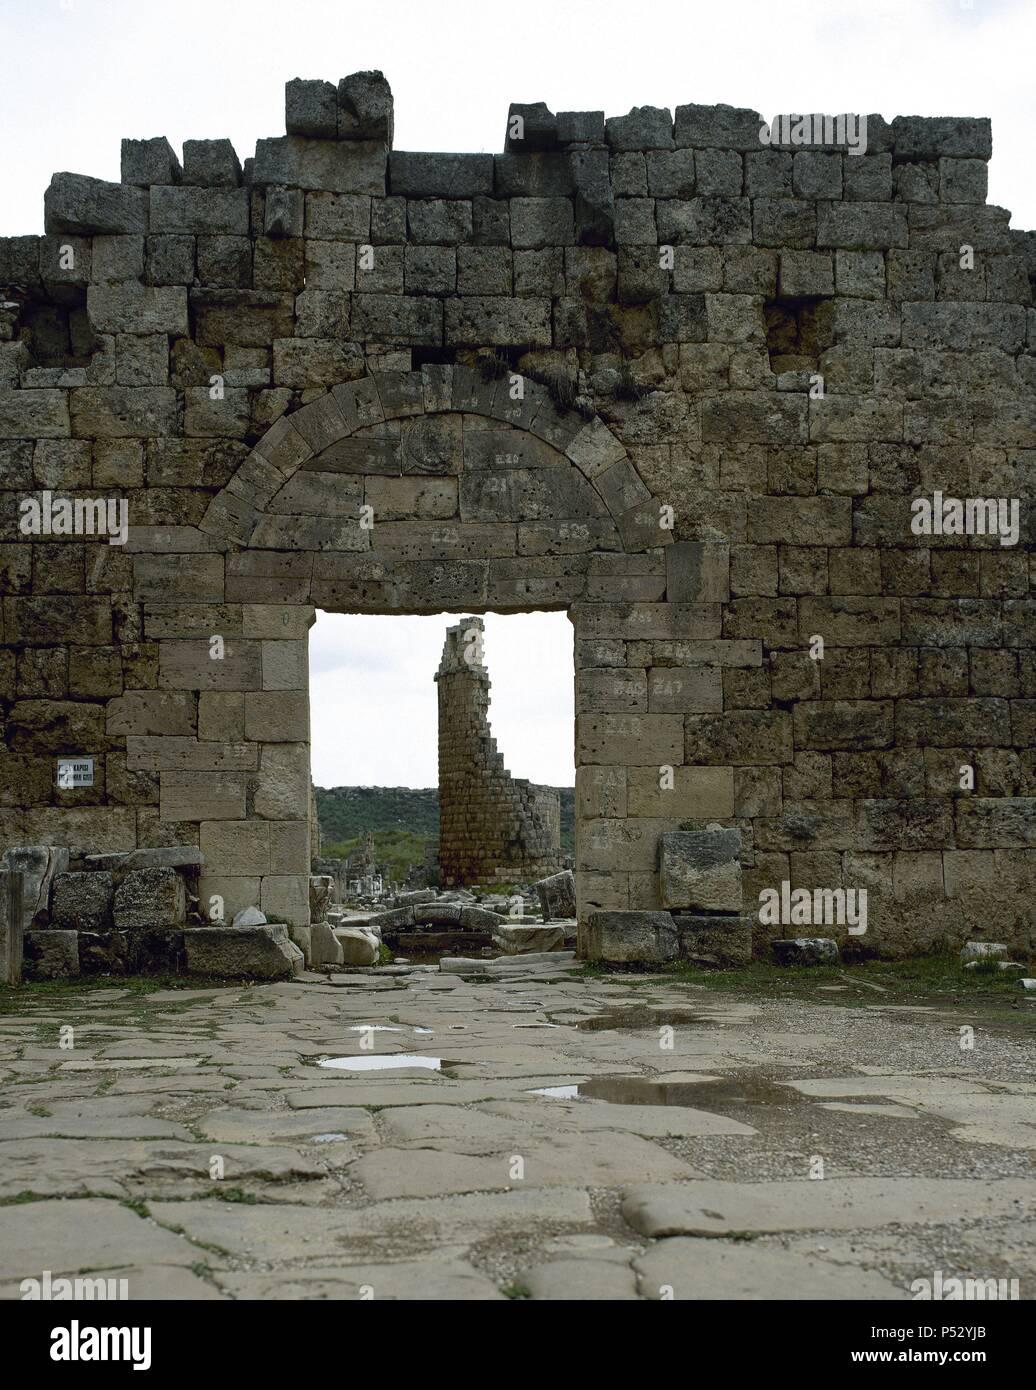 ARTE ROMANO. ASIA MENOR. TURQUIA. PERGE. Ciudad fundada hacia el 1.000 a.C. En el año 188 a.C. fue conquistada por los romanos, viviendo una época de gran esplendor. Vista general de la PUERTA ROMANA, erigida durante el reinado de Séptimo Severo. Tenía la fachada cubierta de mármol y estaba adornada con unos nichos con estatuas. (COSTA DE PANFILIA). Península Anatólica. Stock Photo